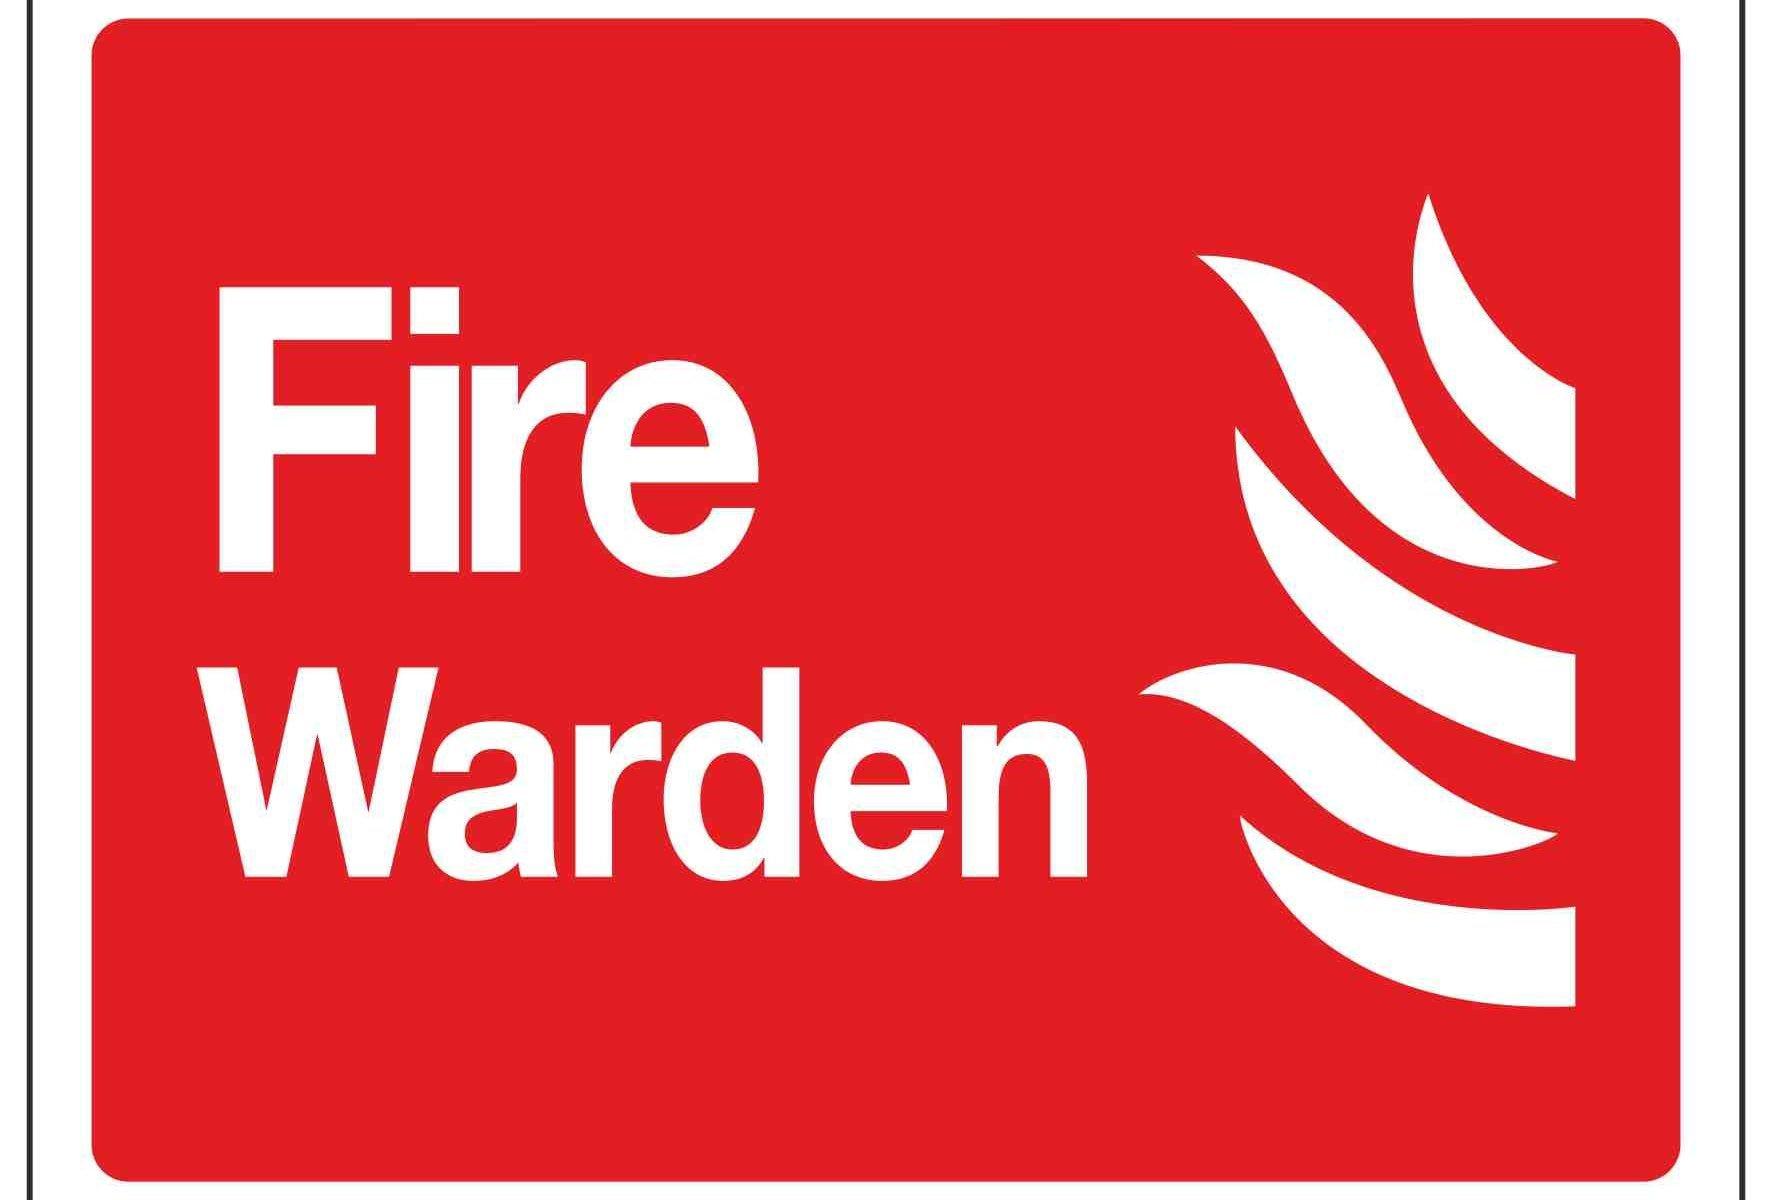 Fire-Warden.jpg